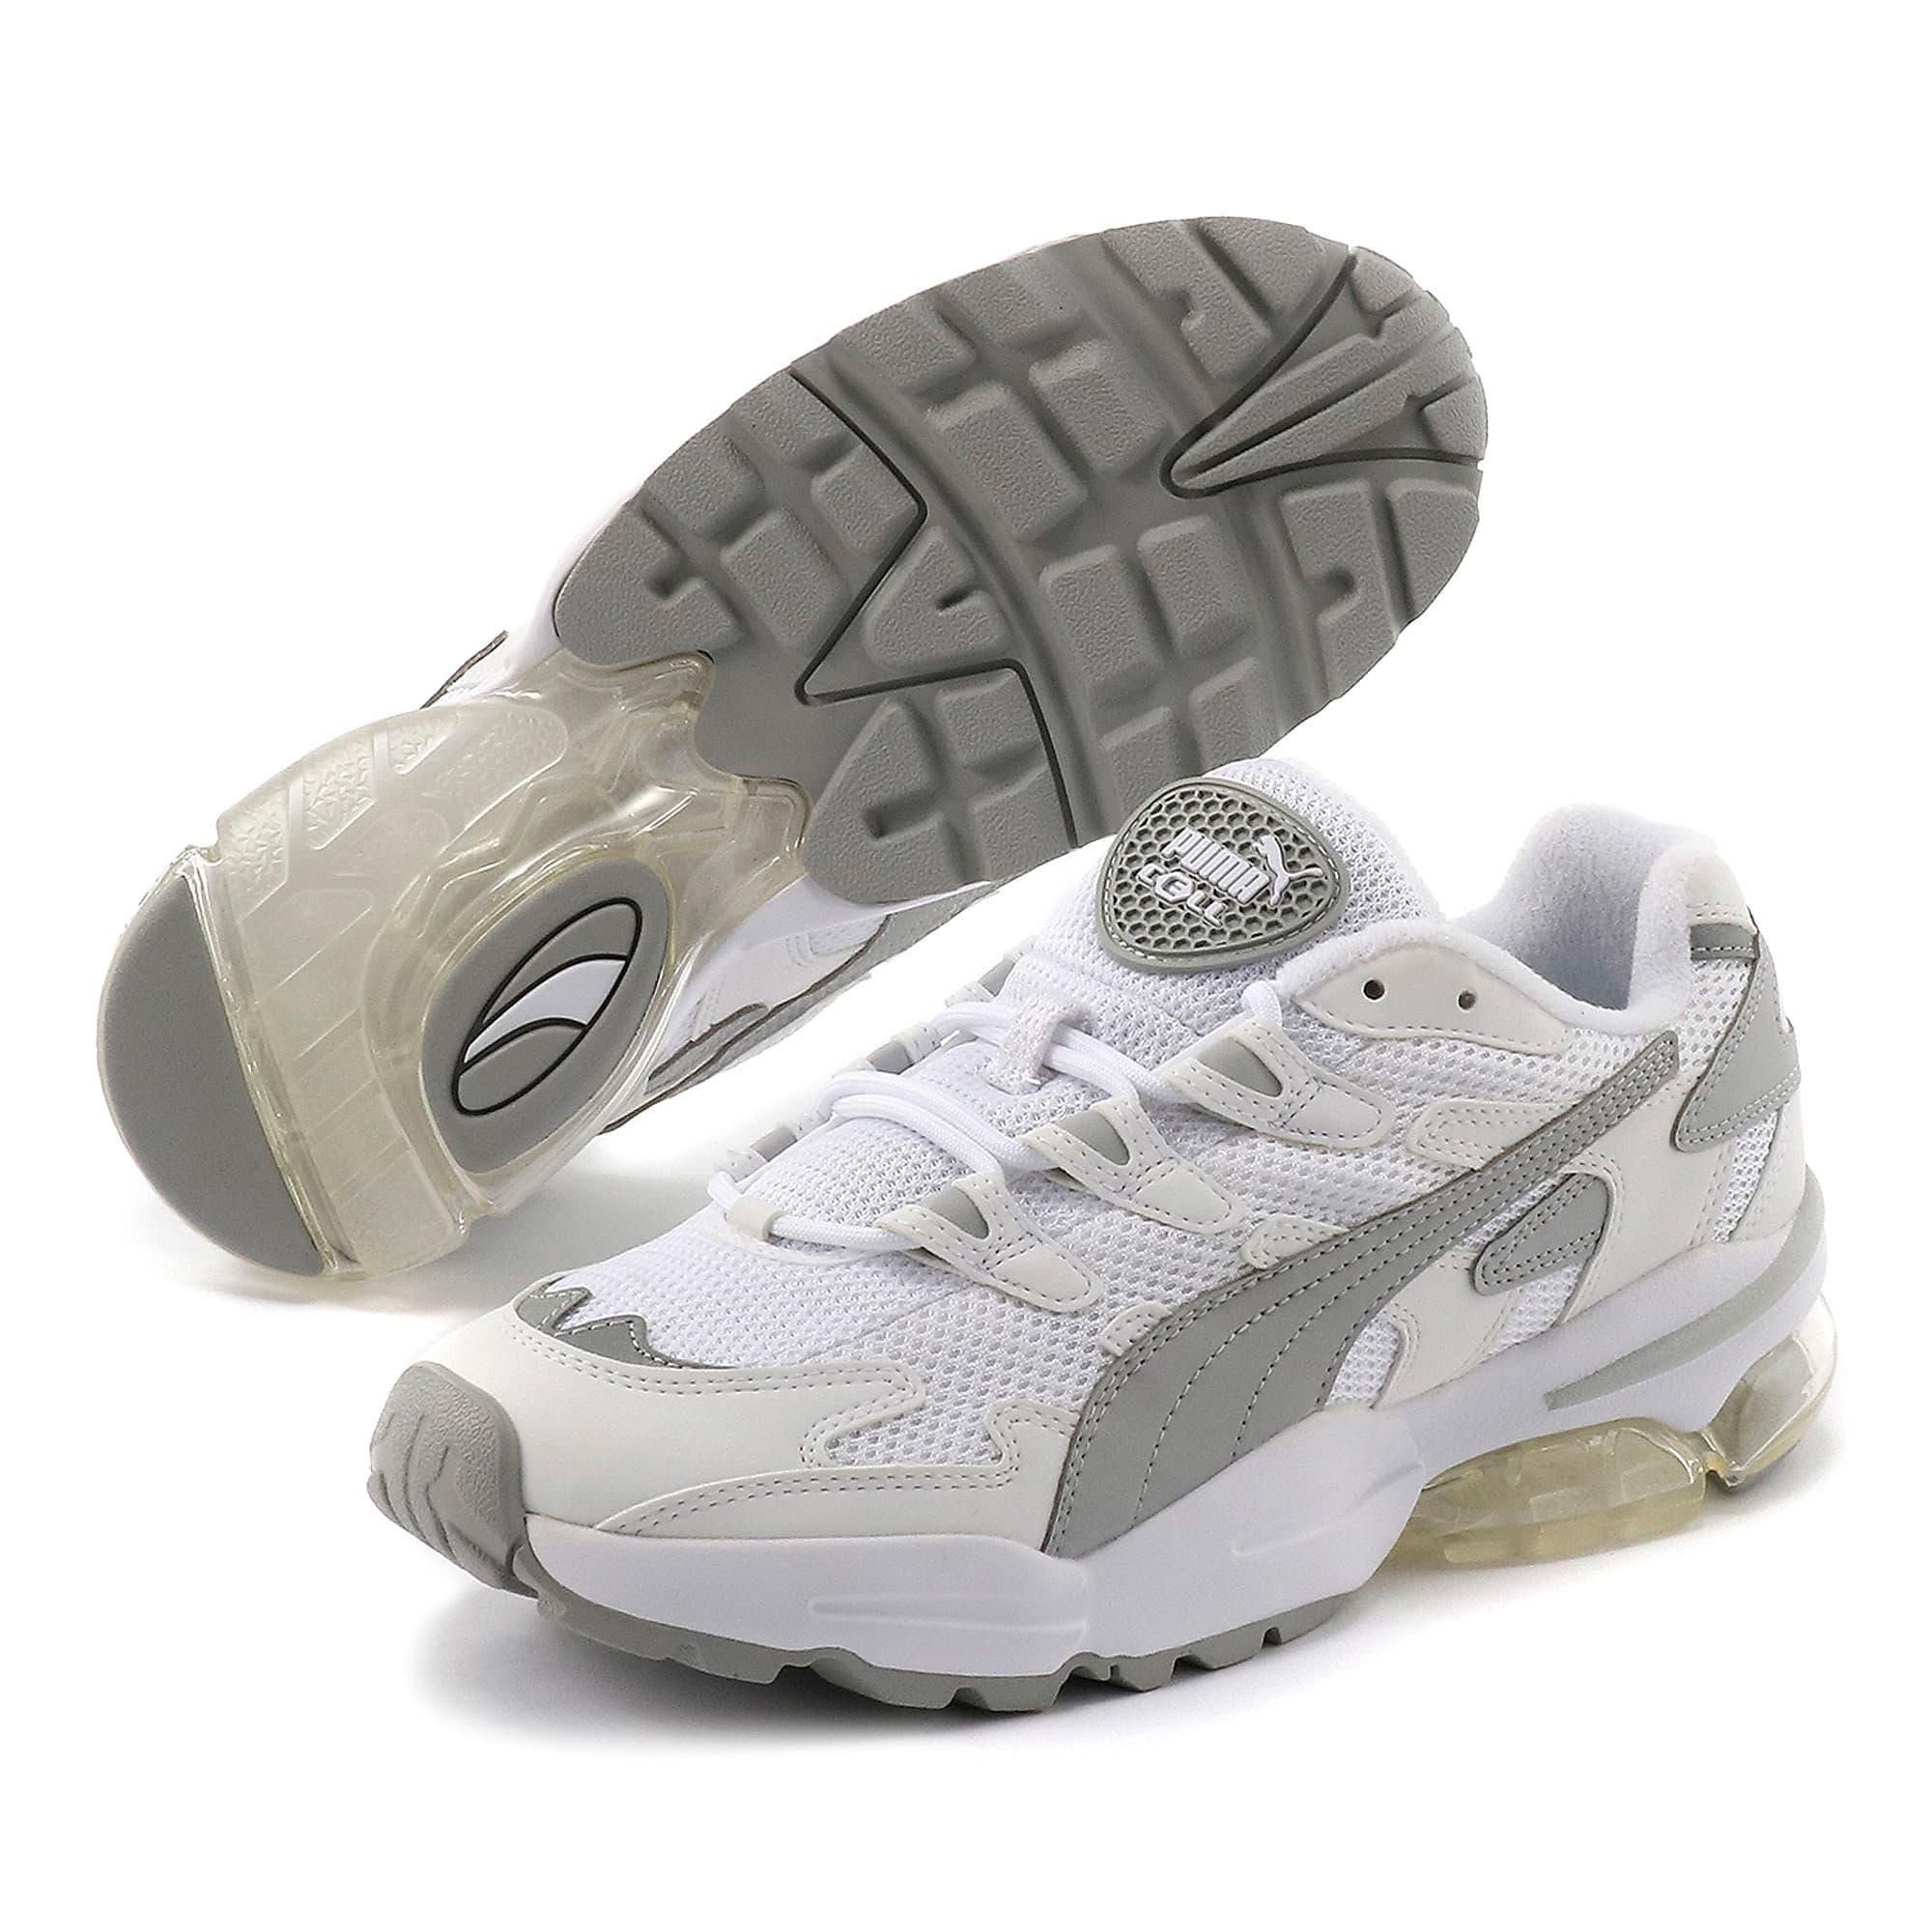 Thumbnail 2 of CELL Alien OG Sneakers, Puma White-High Rise, medium